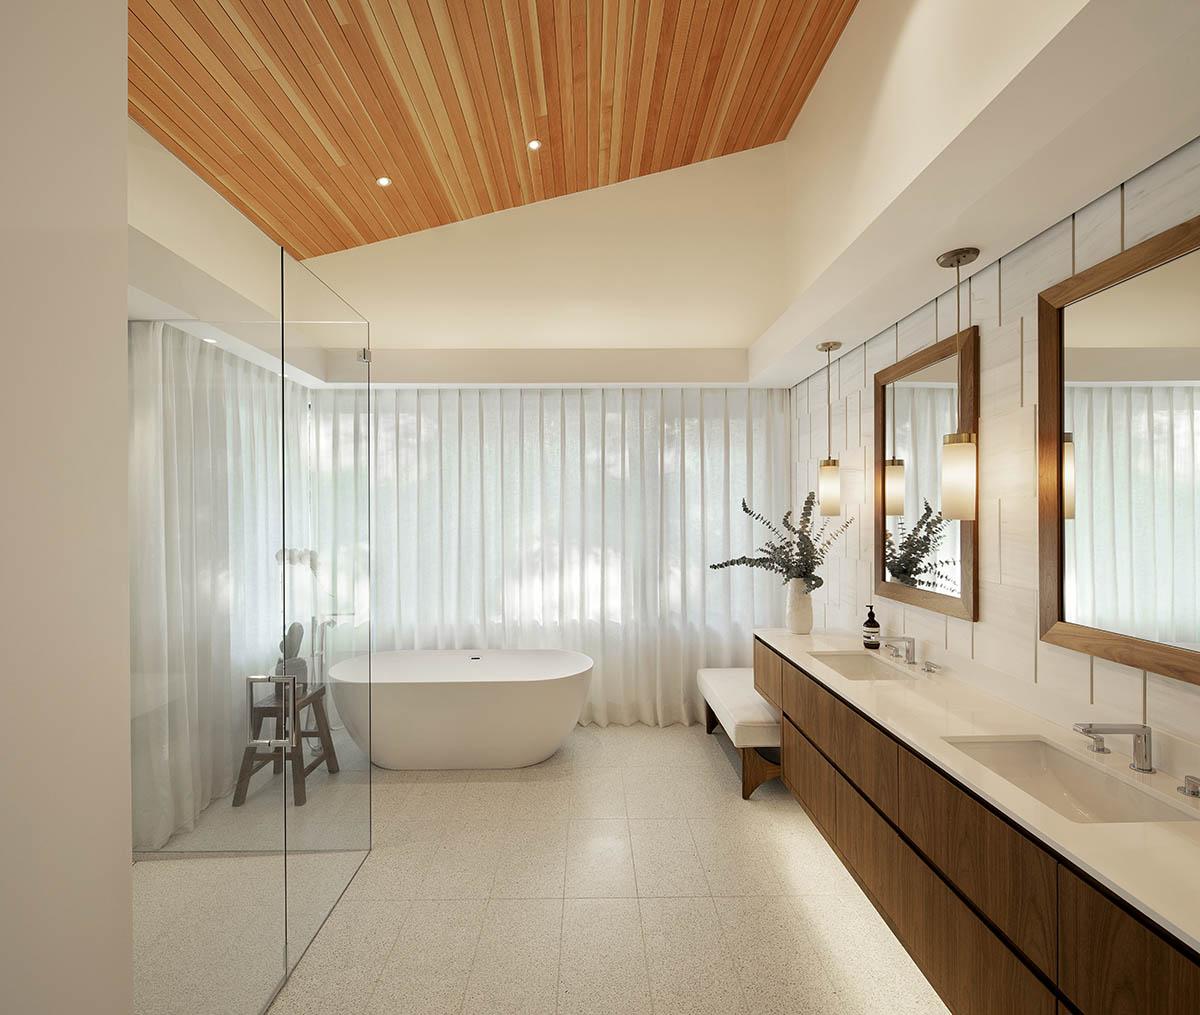 new-century-bath_4A_6023_F2